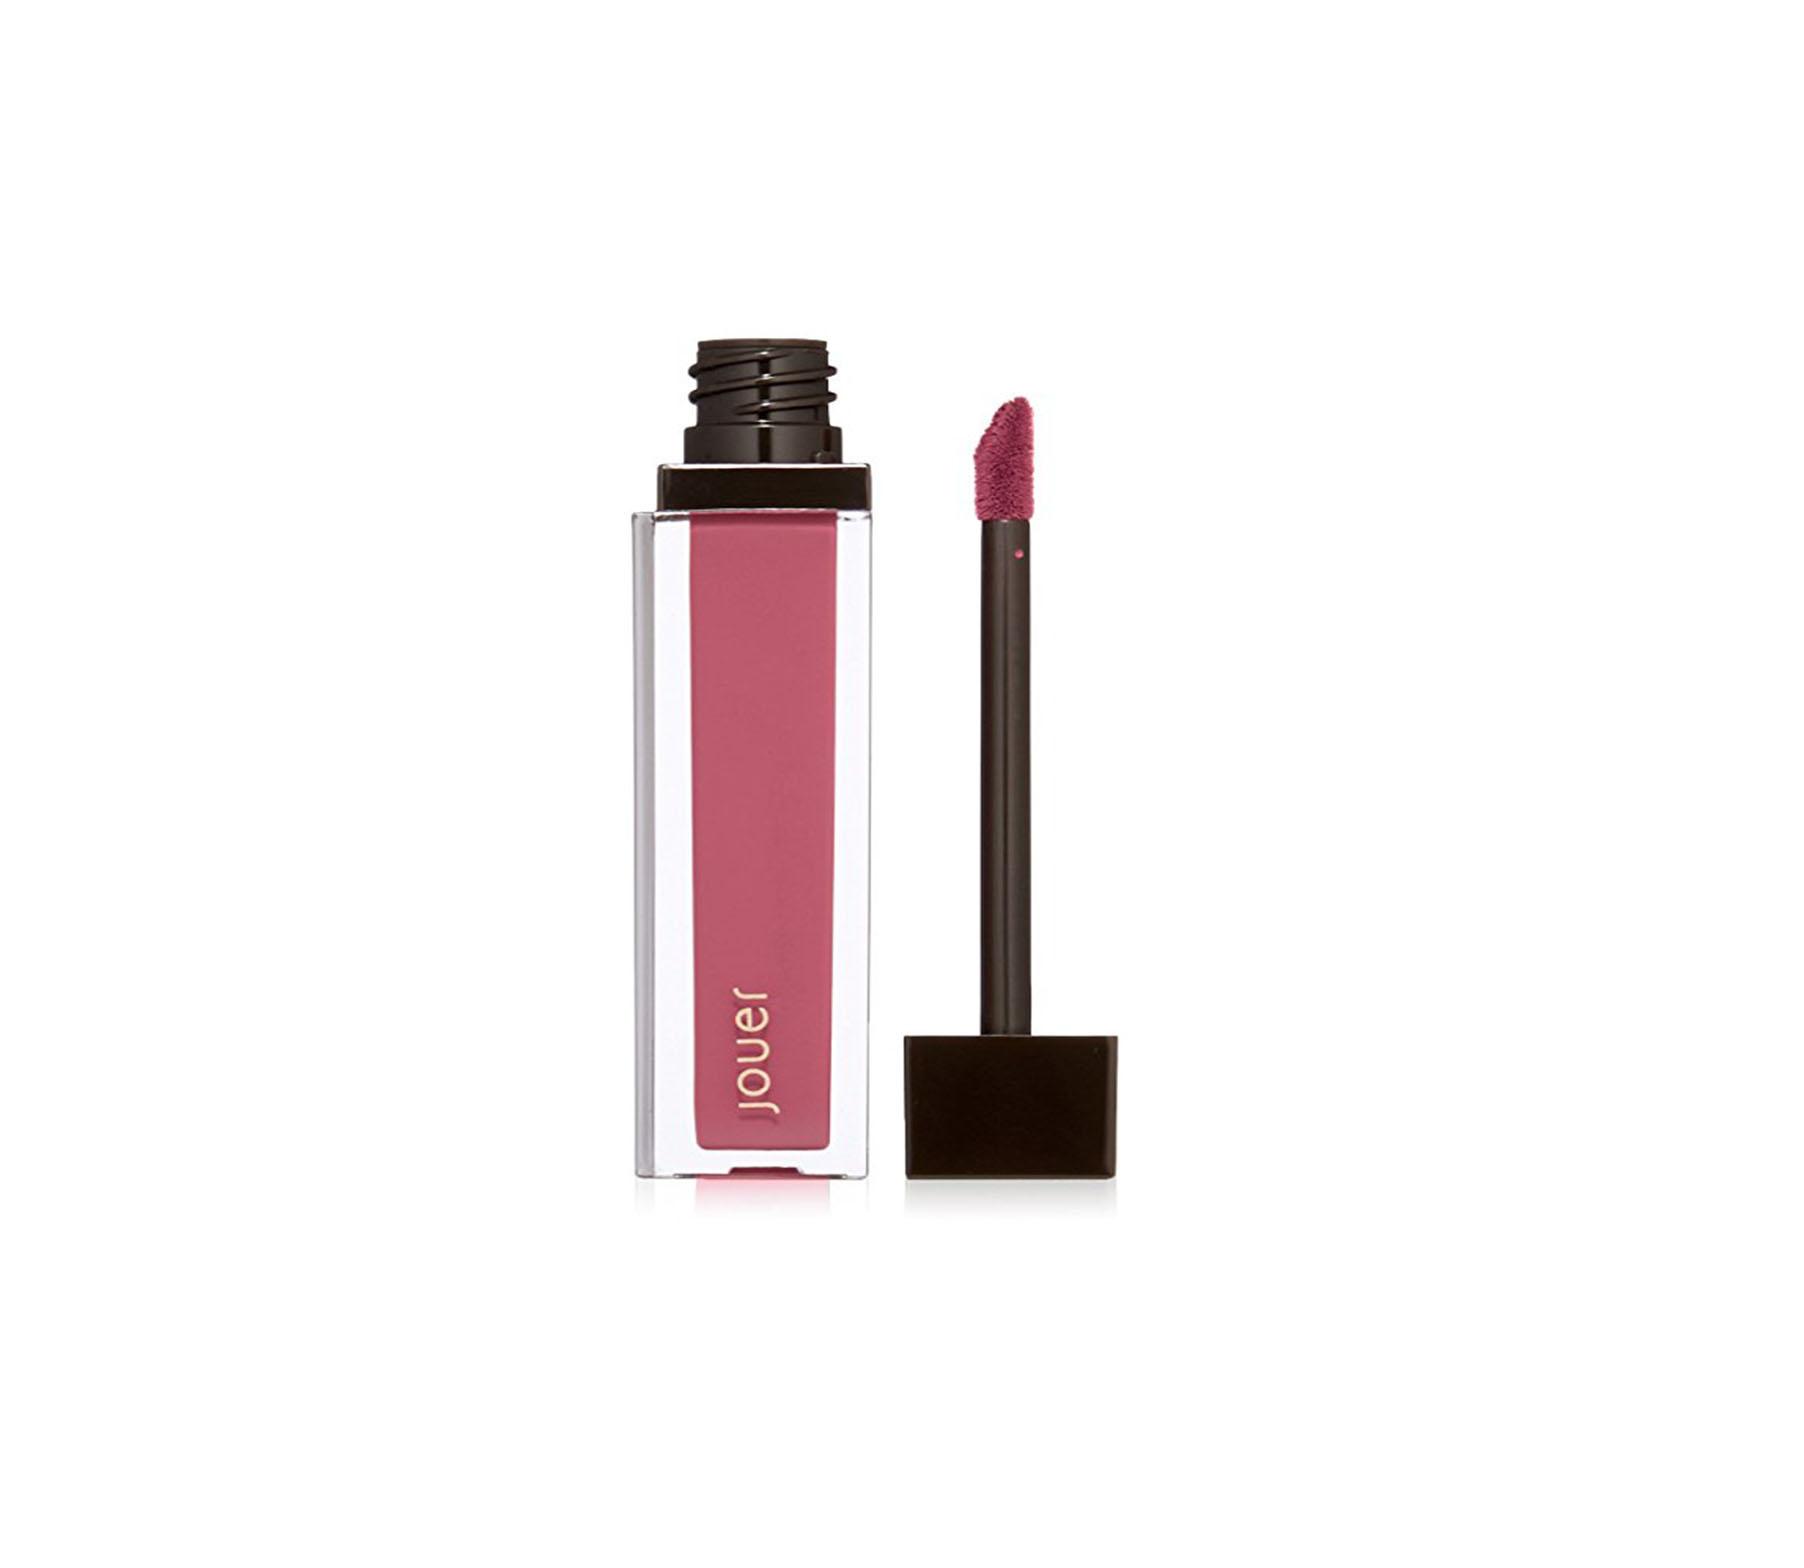 Kissable color. - $